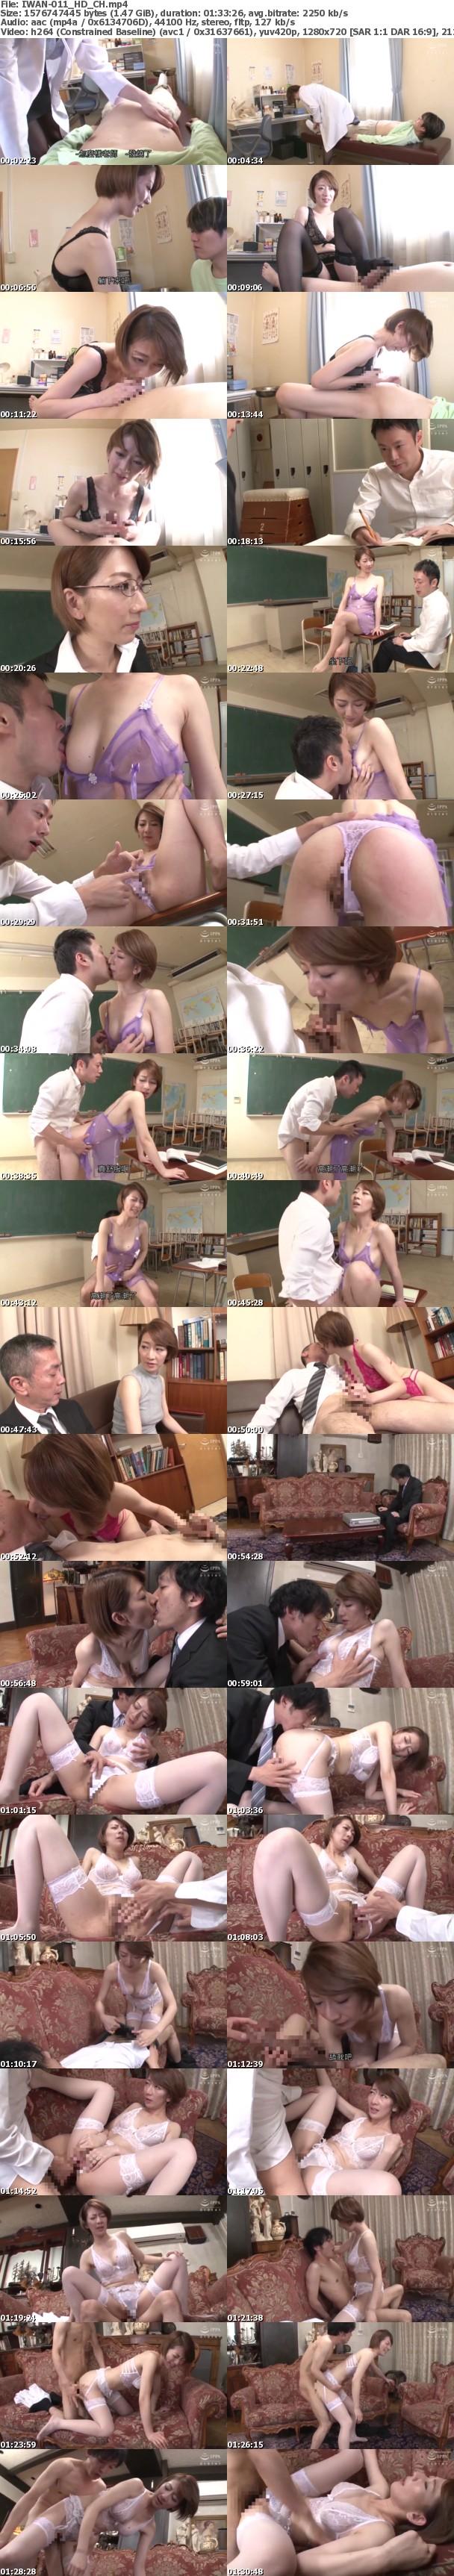 [中字] IWAN-011 穿著性感內衣誘惑男人的淫亂夫人的妖艷睡衣性交 岡村麻友子